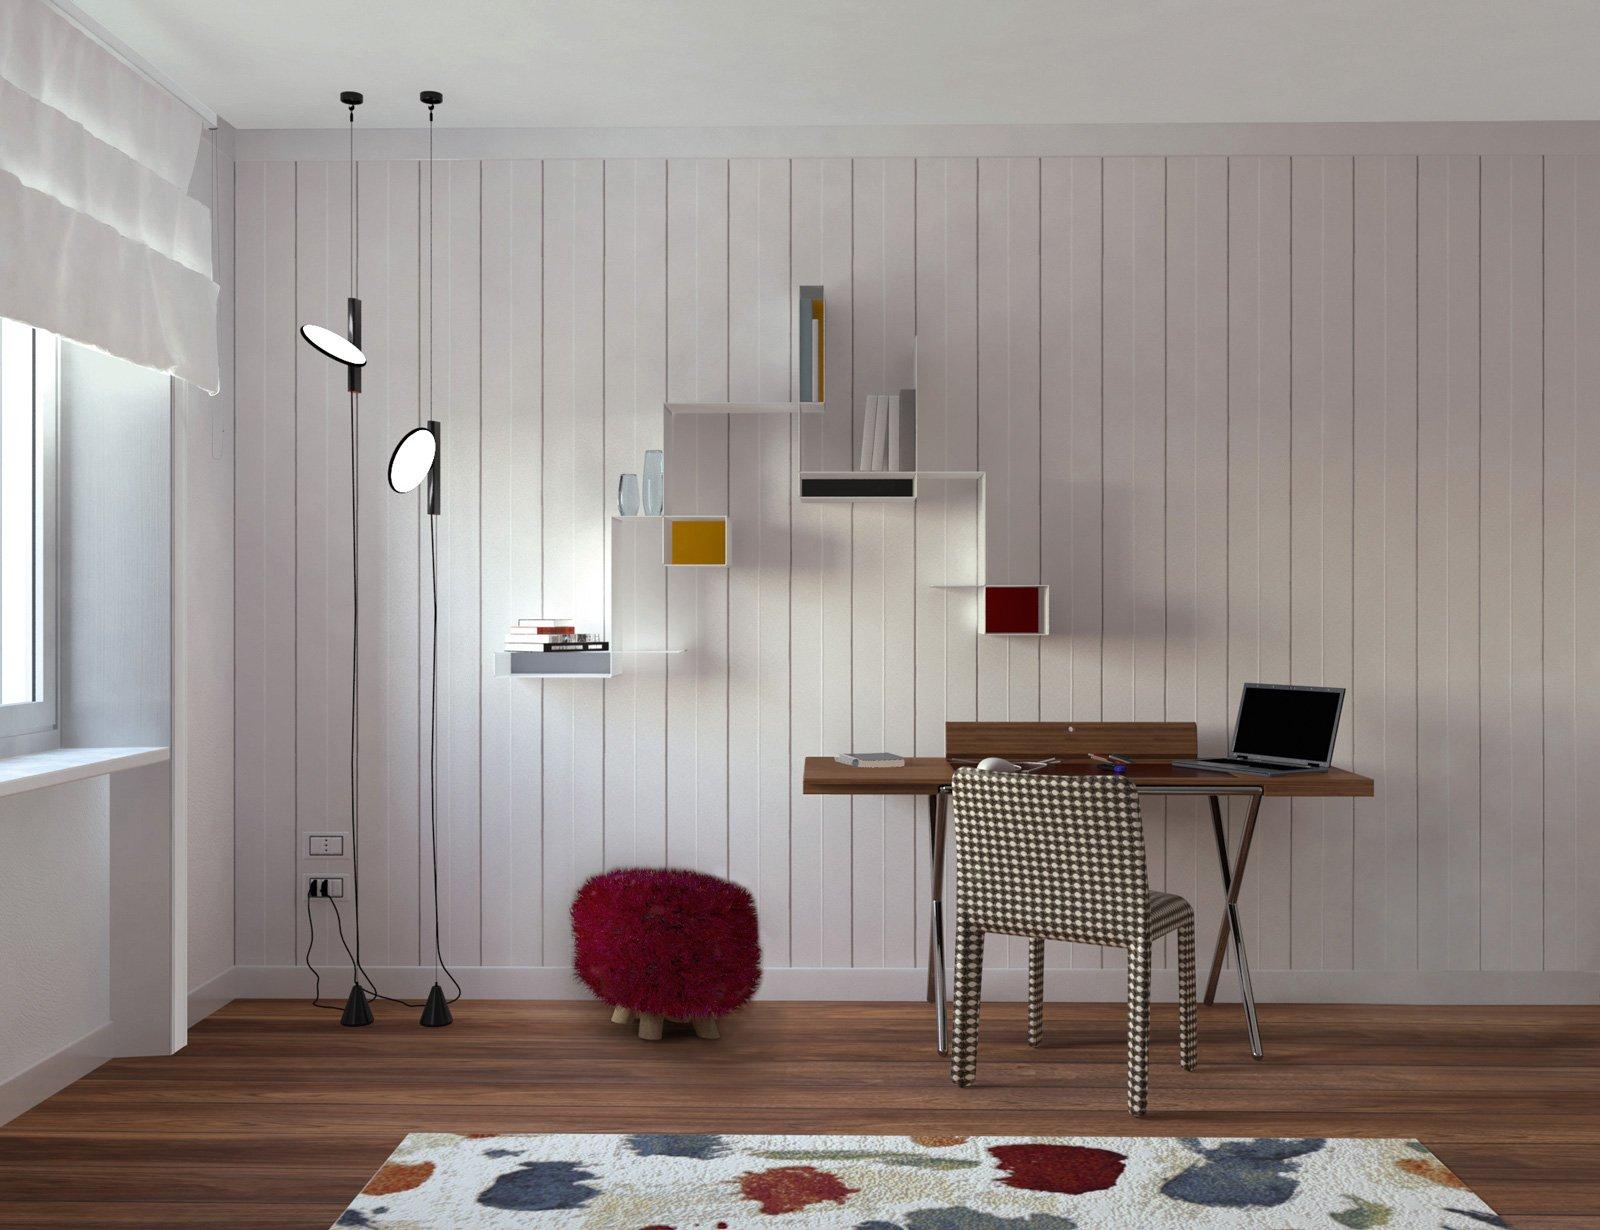 Camera Da Letto Con Boiserie : 165 mq per la casa depoca in stile contemporaneo. con porte di